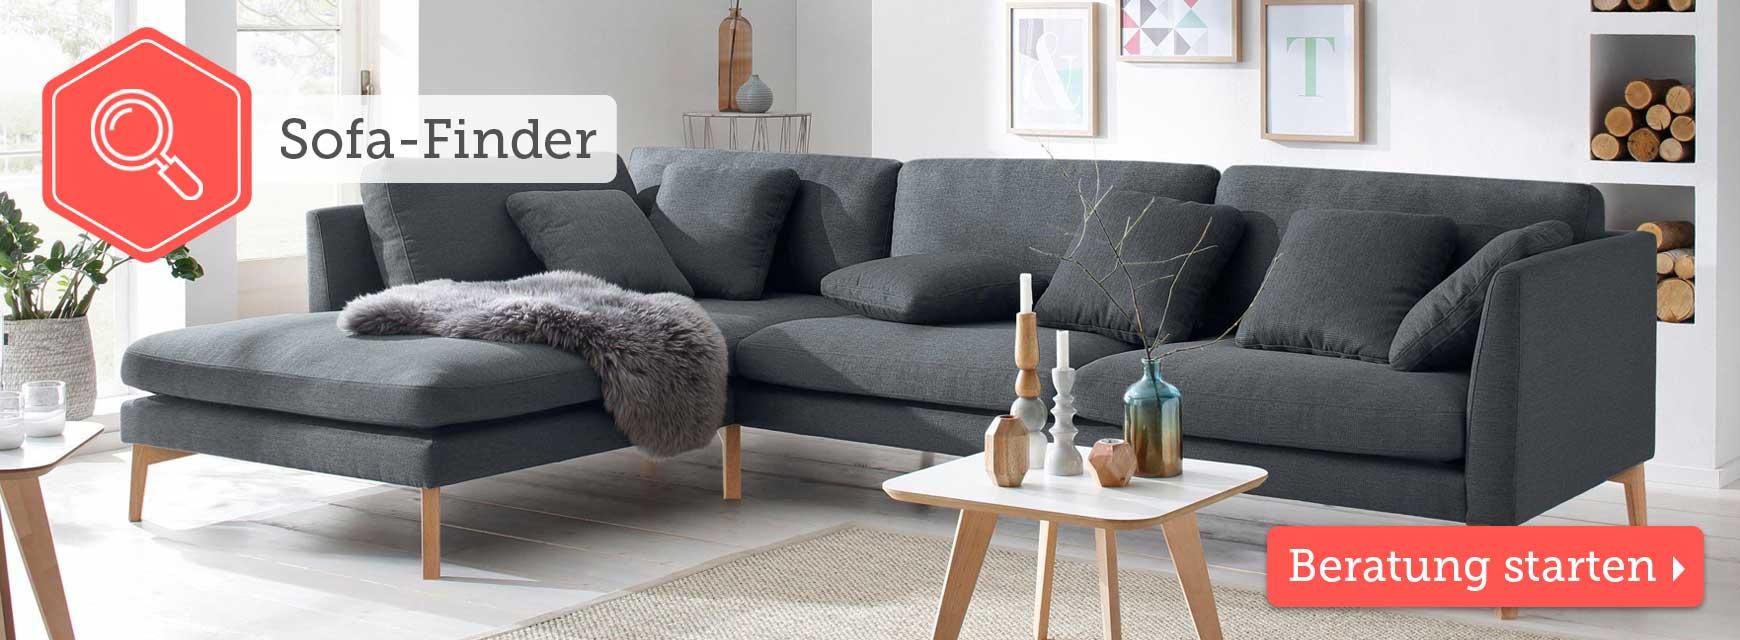 Full Size of Big Sofa Mit Schlaffunktion Sofas Couches Kaufen Polstermbel Online Bestellen Yourhomede Hersteller Höffner Flexform Microfaser Schilling Natura Bett Sofa Big Sofa Mit Schlaffunktion